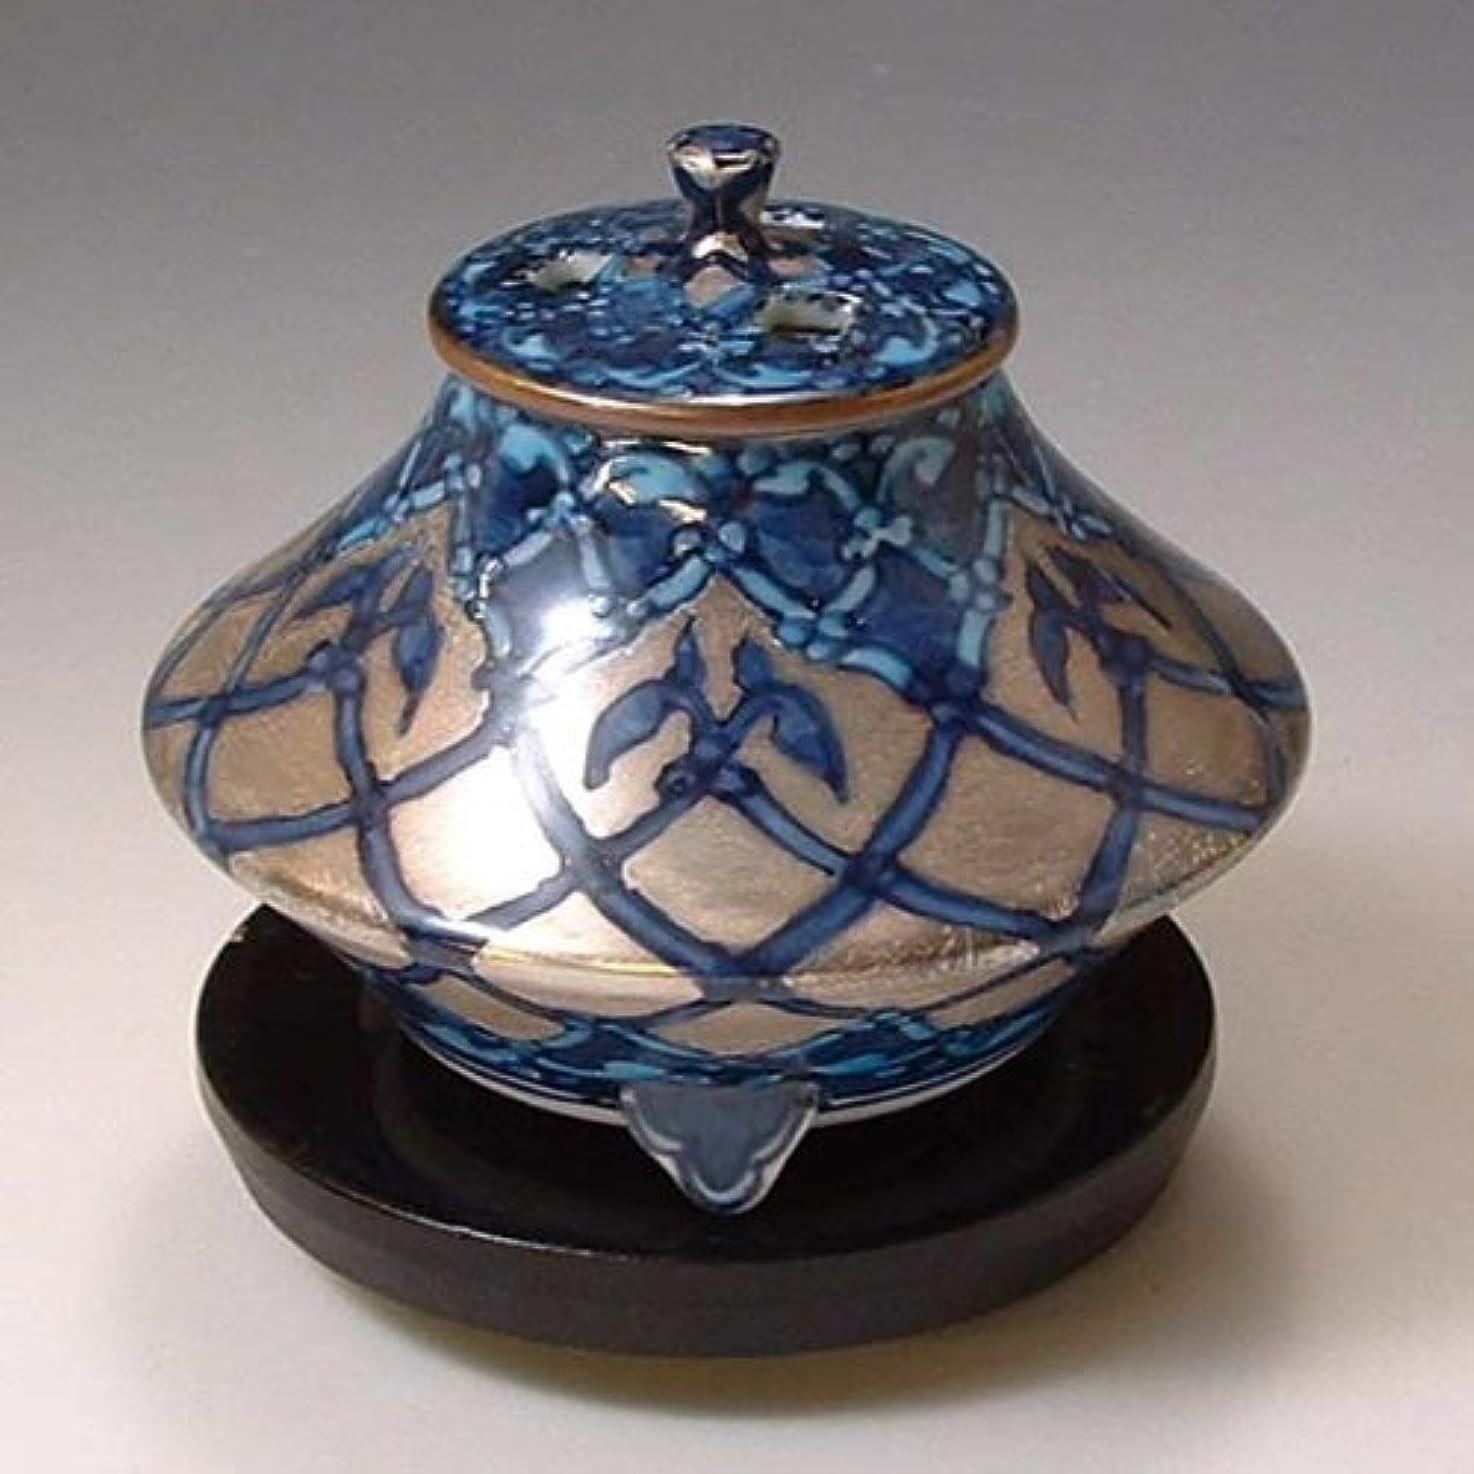 発信口頭骨折京焼 清水焼 香炉(黒台付) 銀モスク ぎんもすく YKY110